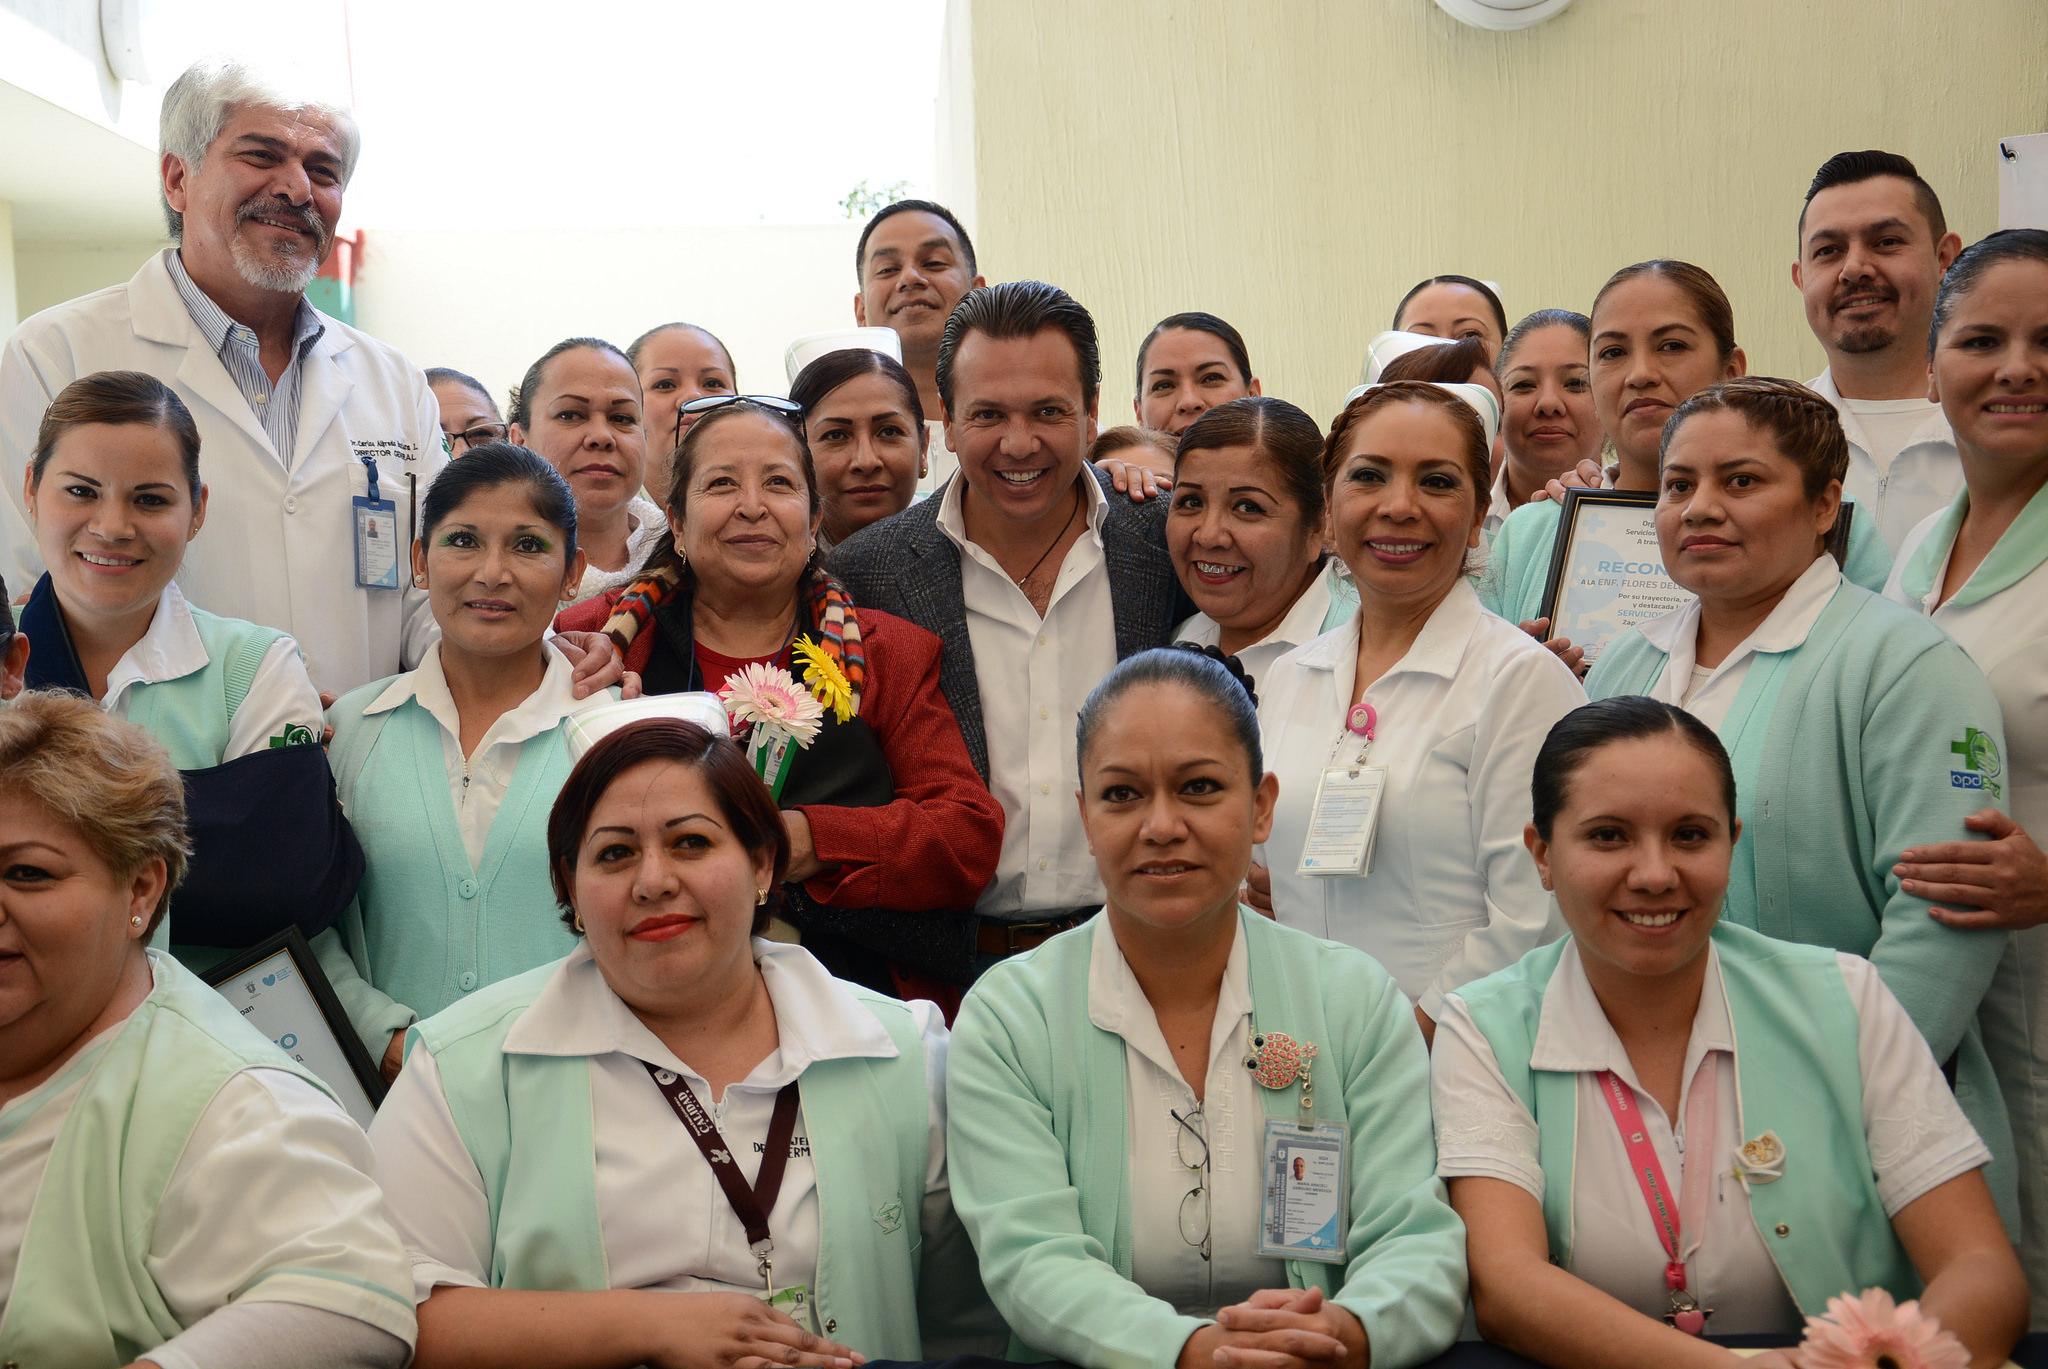 El Gobierno de Zapopan reconoce la labor de calidad y calidez humana de las enfermeras y enfermeros de los Servicios de Salud